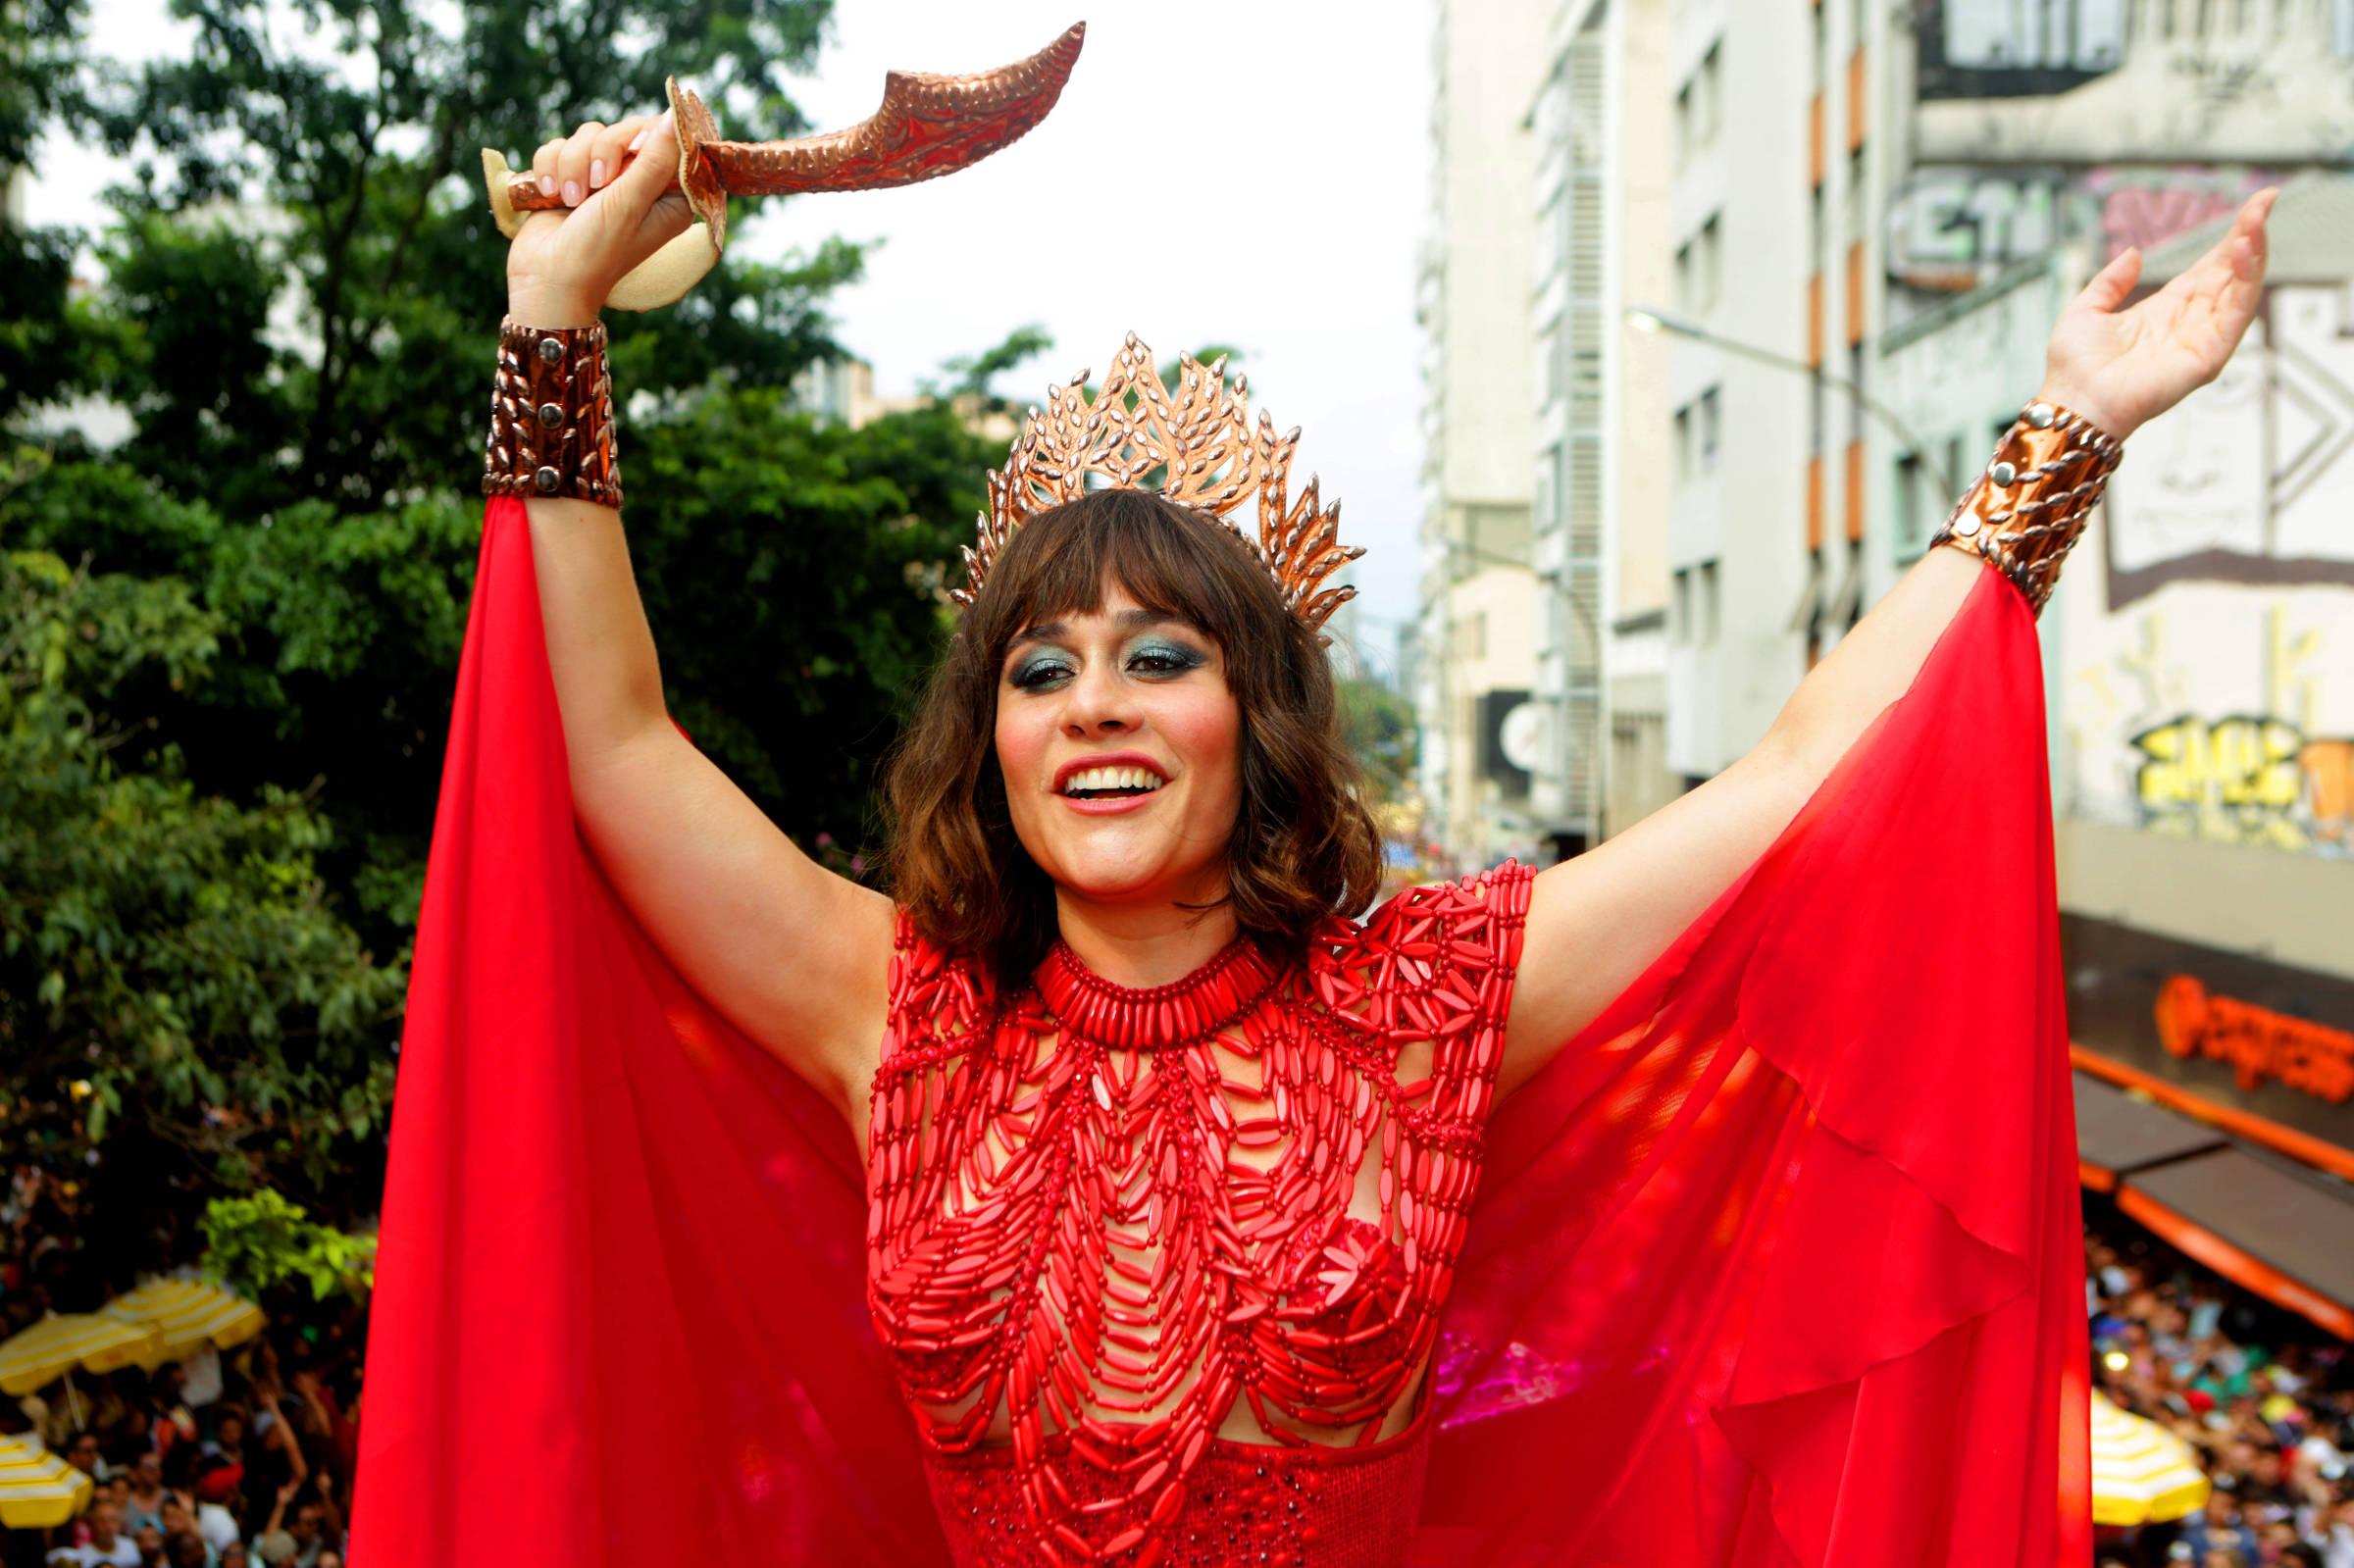 Guia indica ensaios de blocos e festas para foliões se aquecerem para o  Carnaval - 15 02 2019 - Shows - Guia Folha 19a6e4b448e